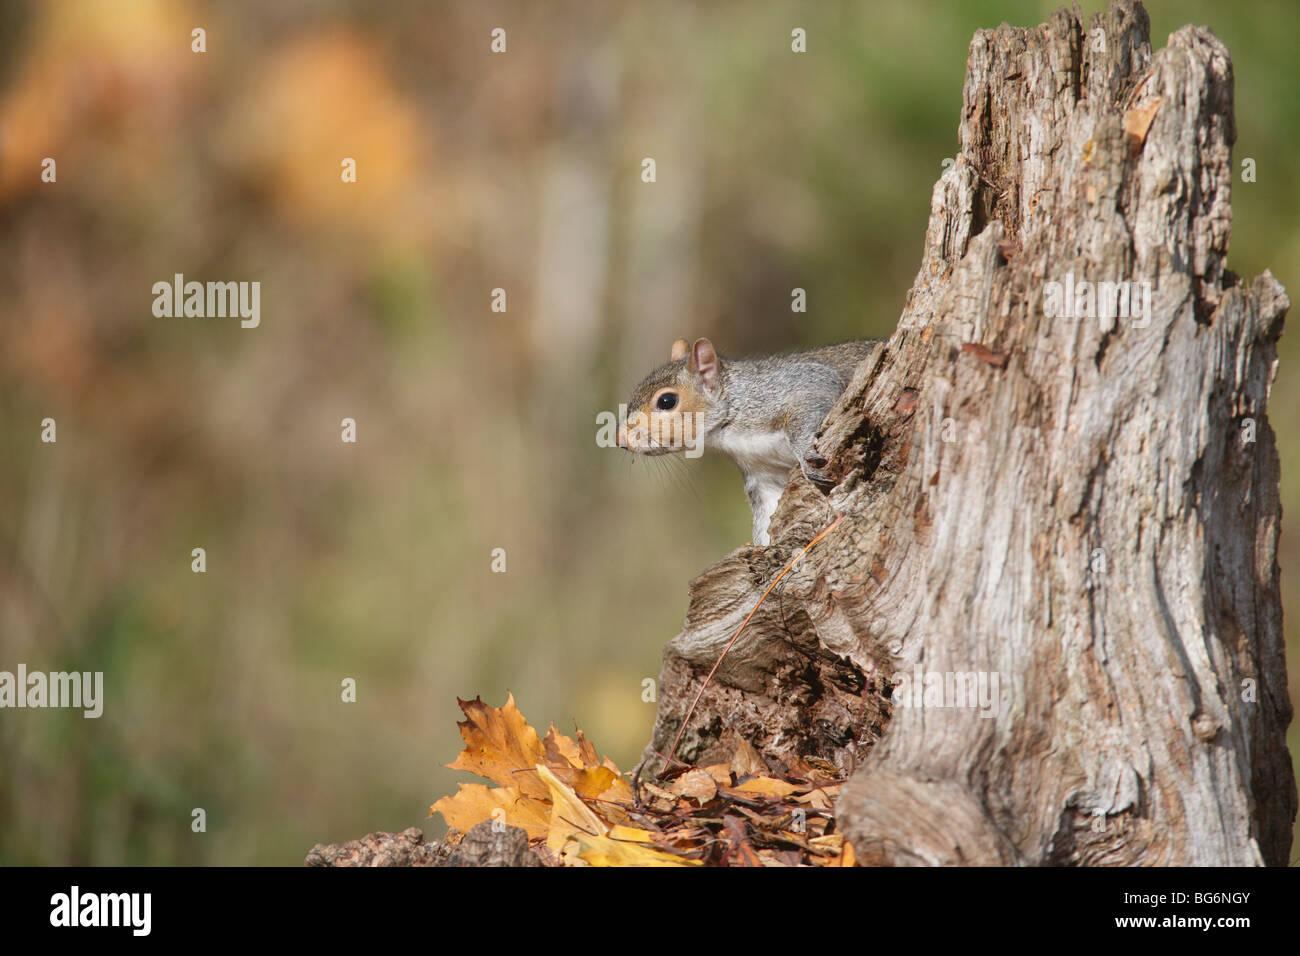 Grey squirrel (Scirius carolinensis) on stump in autumn leaves - Stock Image